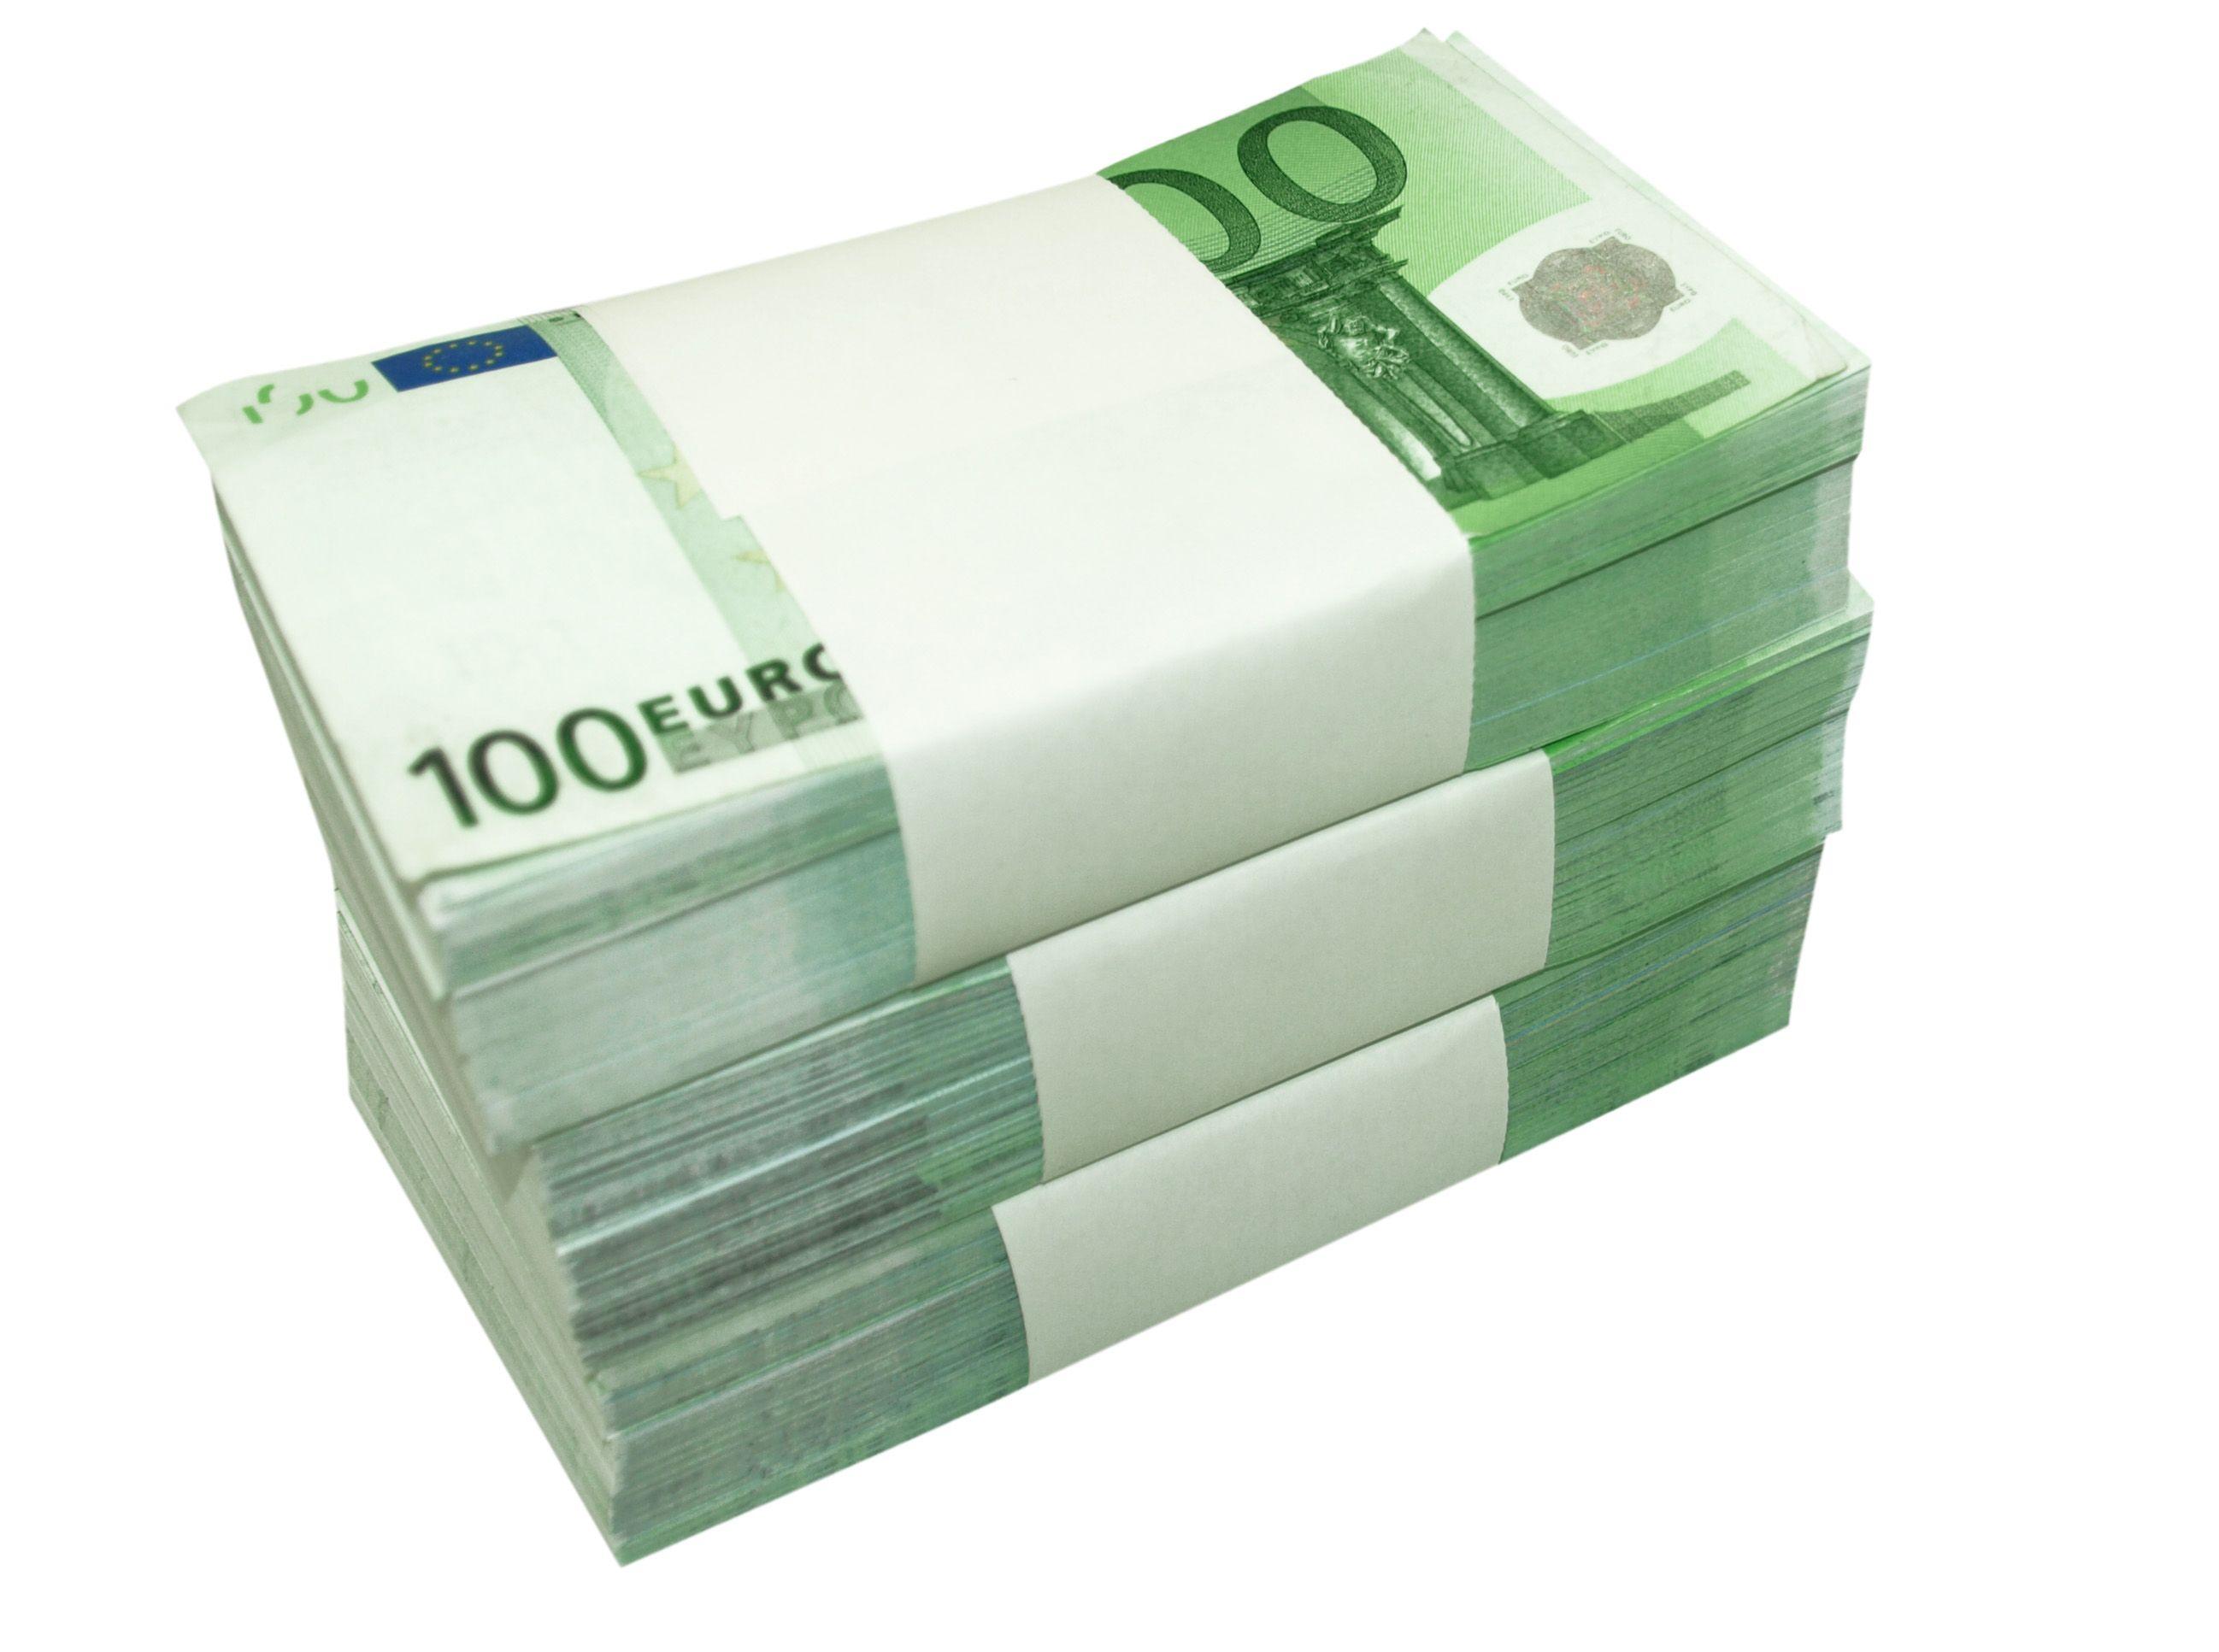 wie kommt man schnell an geld